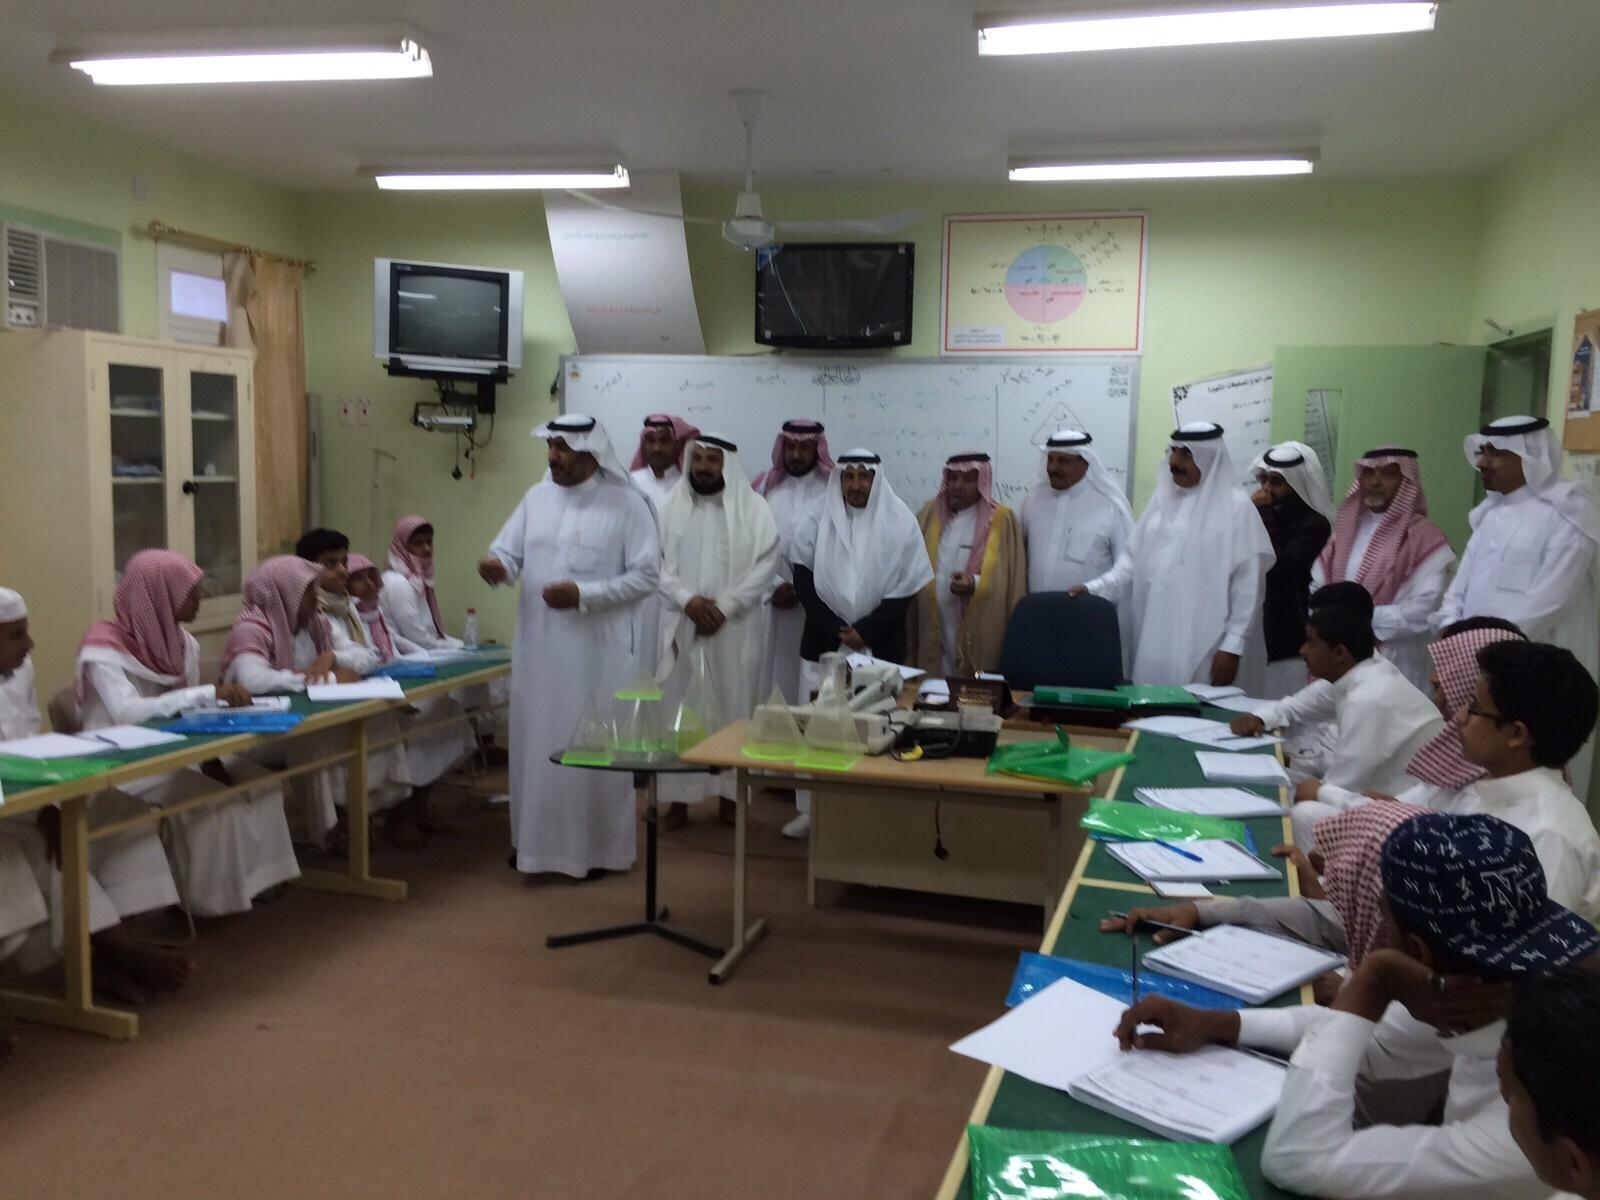 أمين جمعية مراكز أحياء #ميسان بـ #الطائف يتابع برنامج اختبار قدرات الطلاب (3)